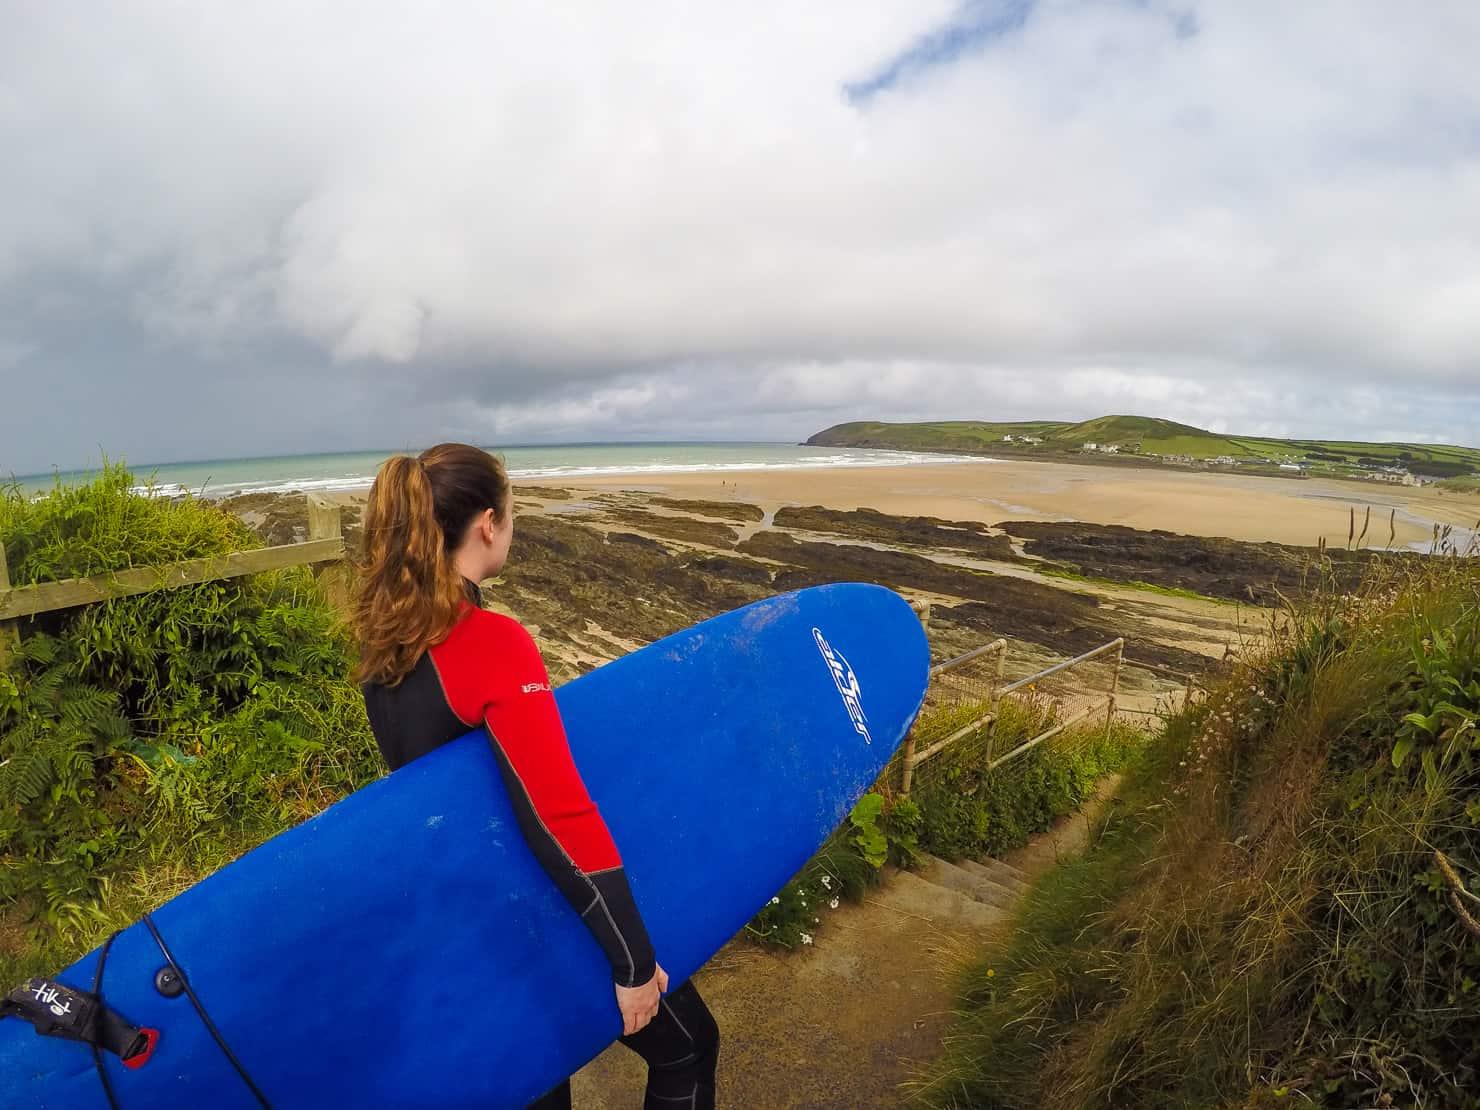 Surfing in Croyde Bay Devon